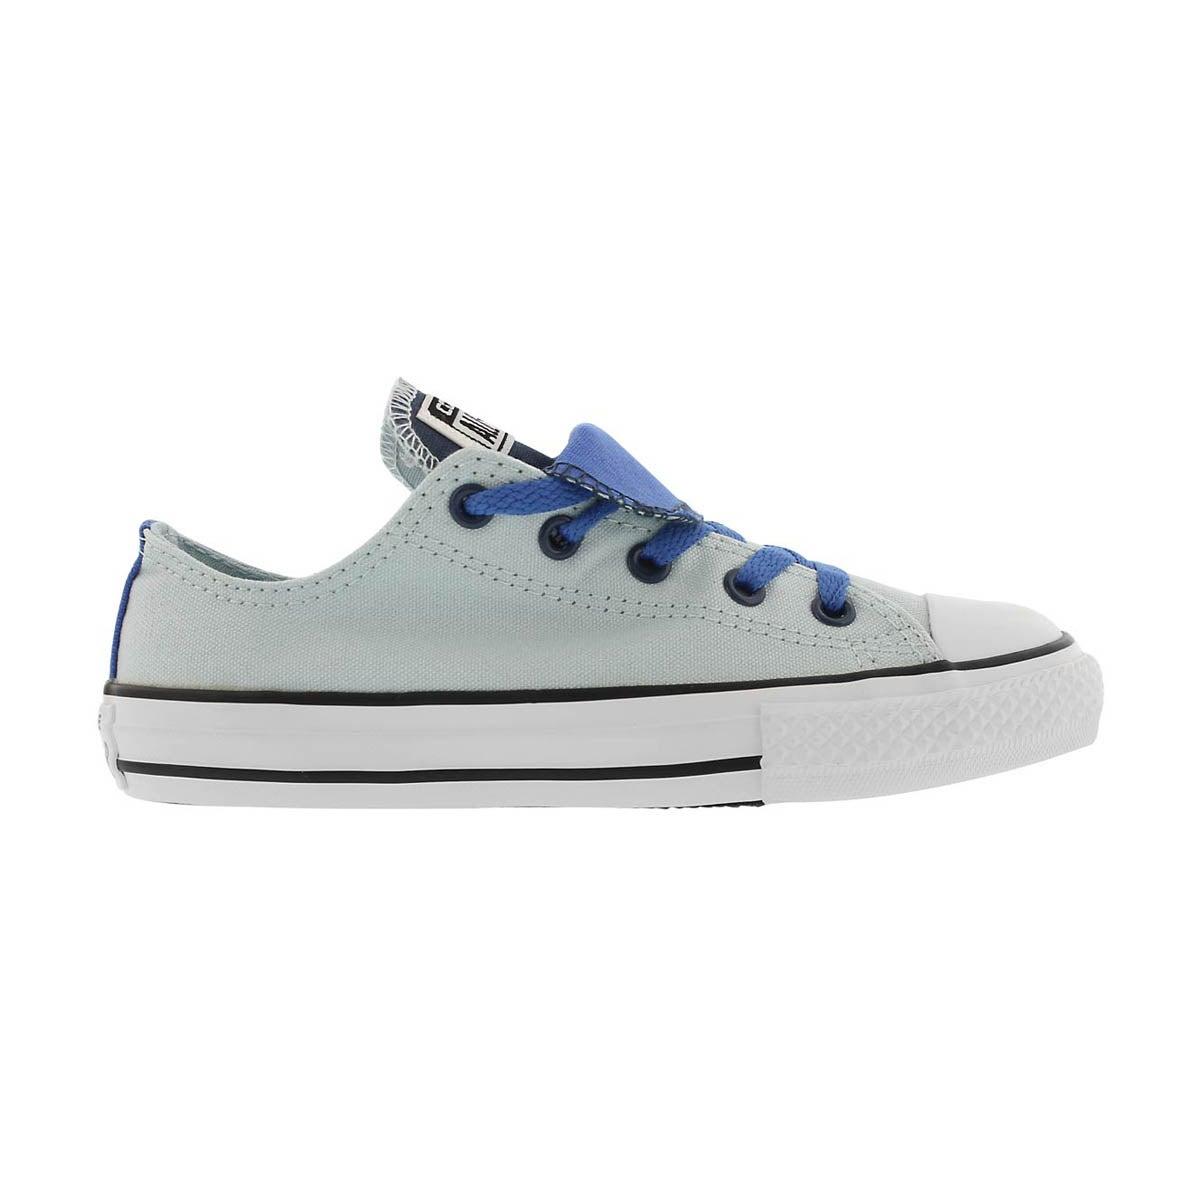 Grs CTAS Double Tongue blue/wht sneaker